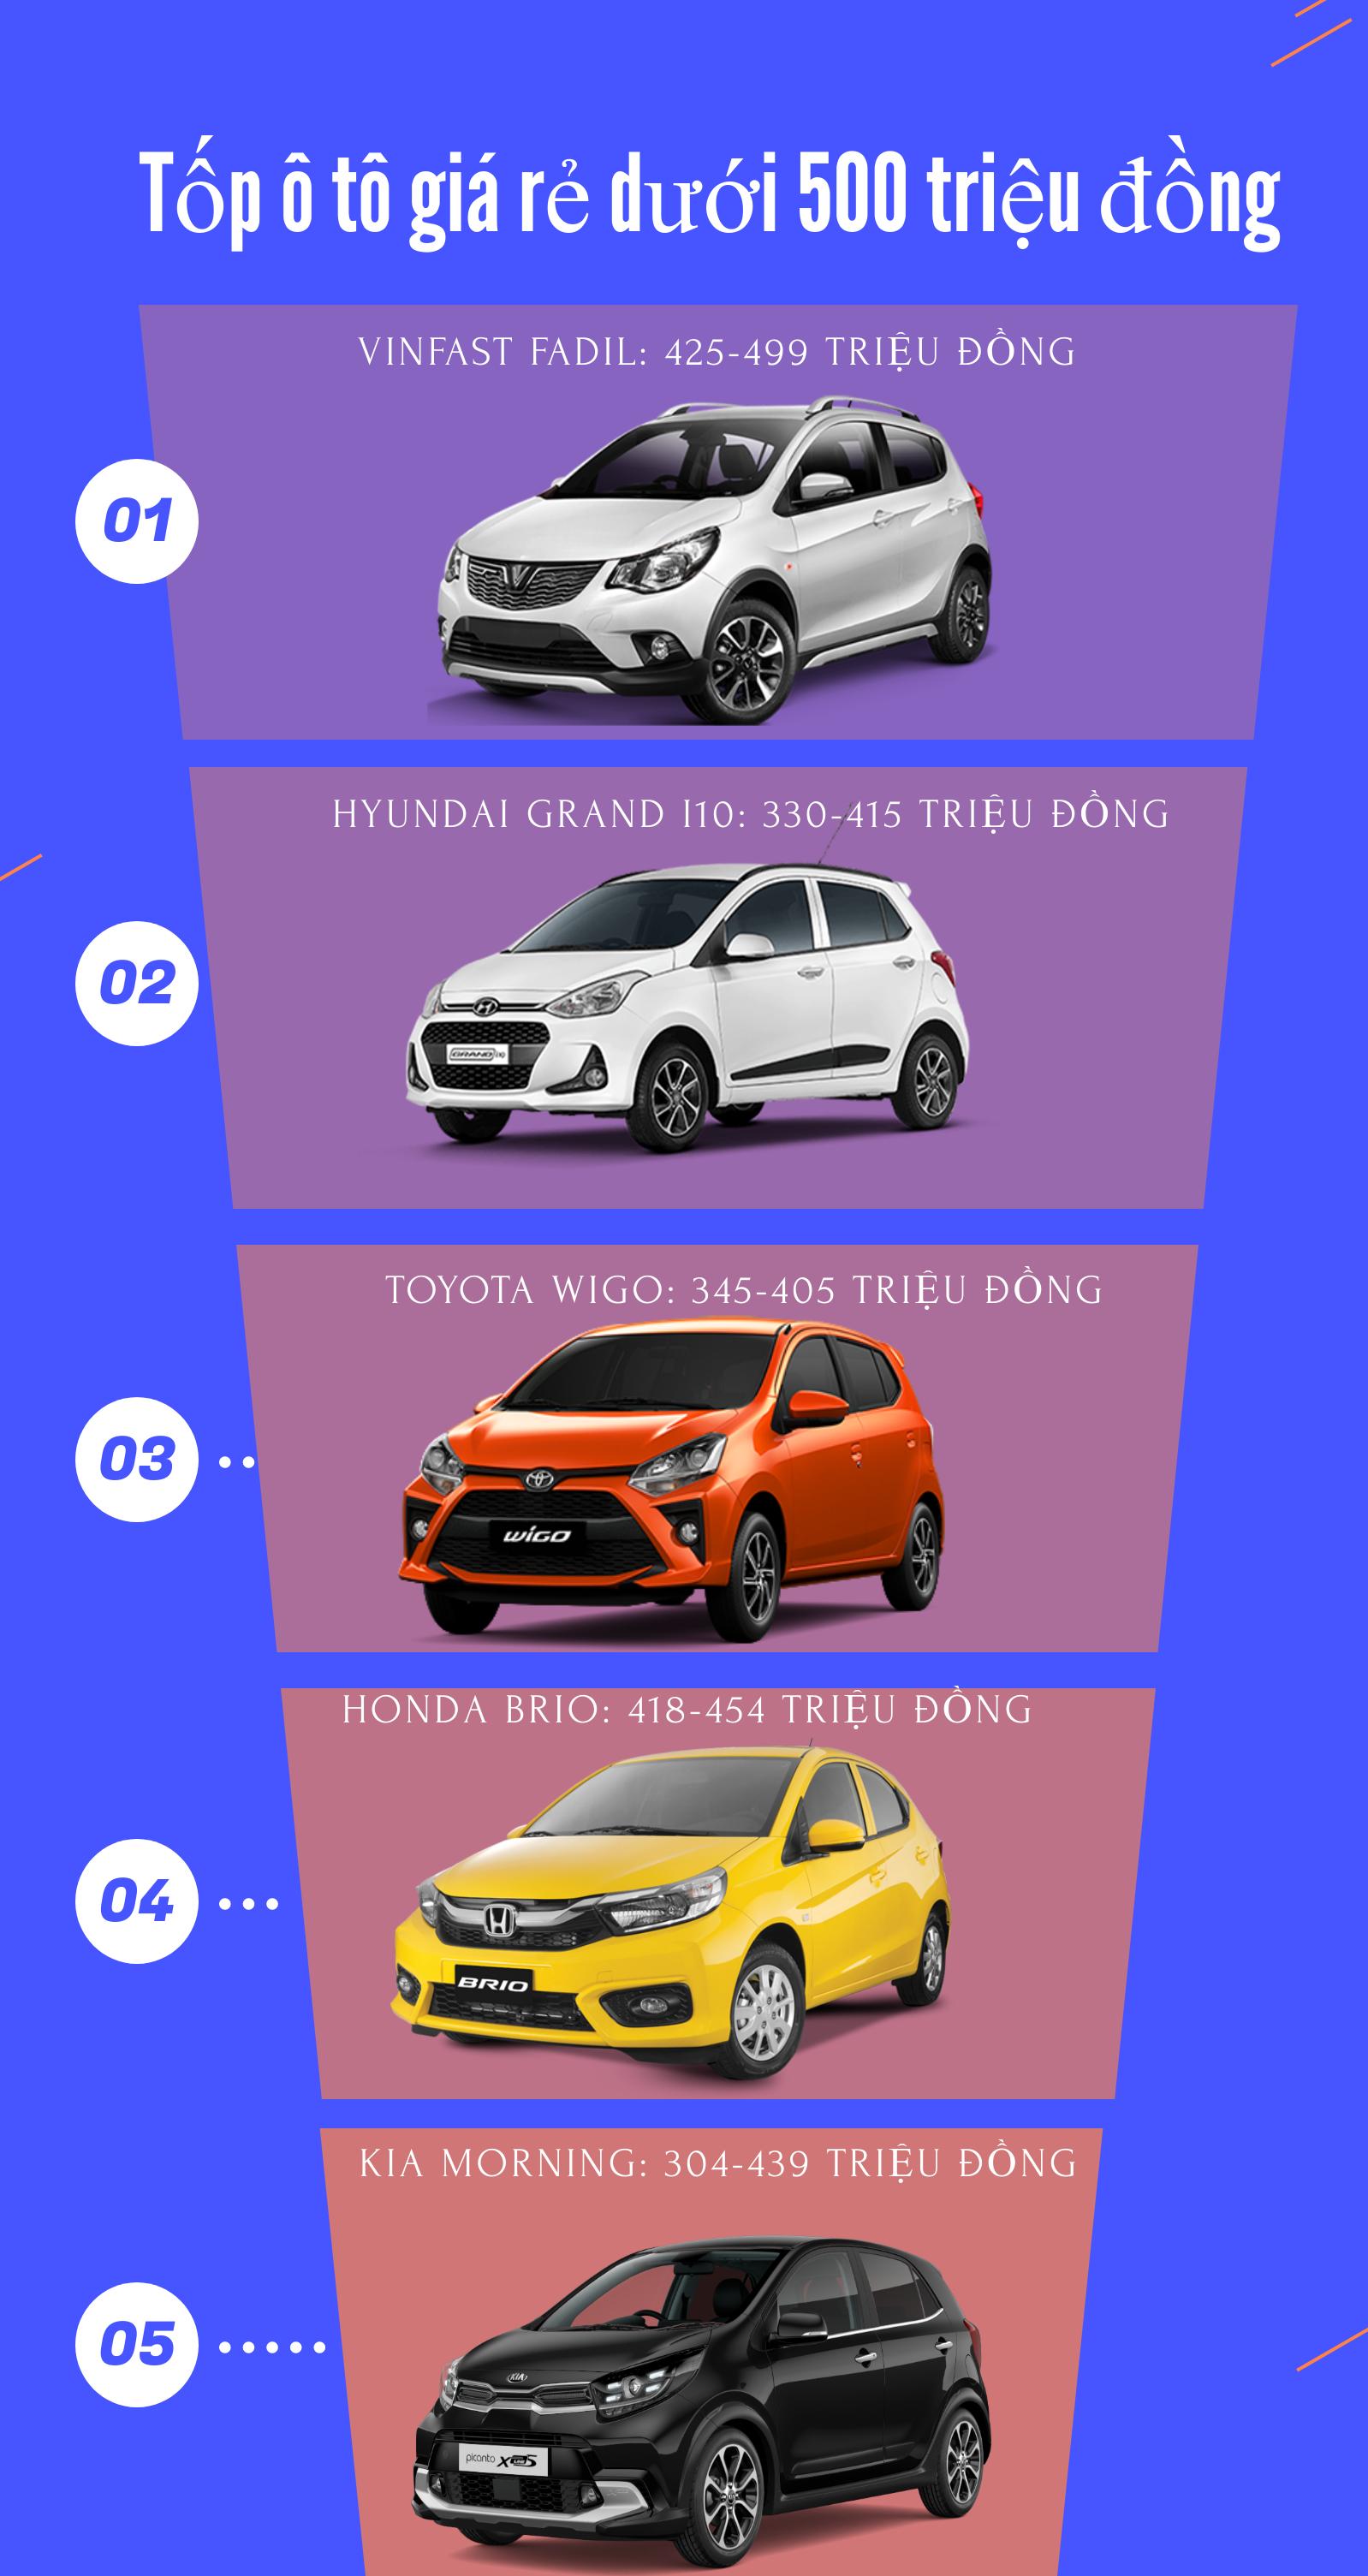 Điểm danh những mẫu ô tô giá rẻ chỉ hơn 400 triệu đồng - 1